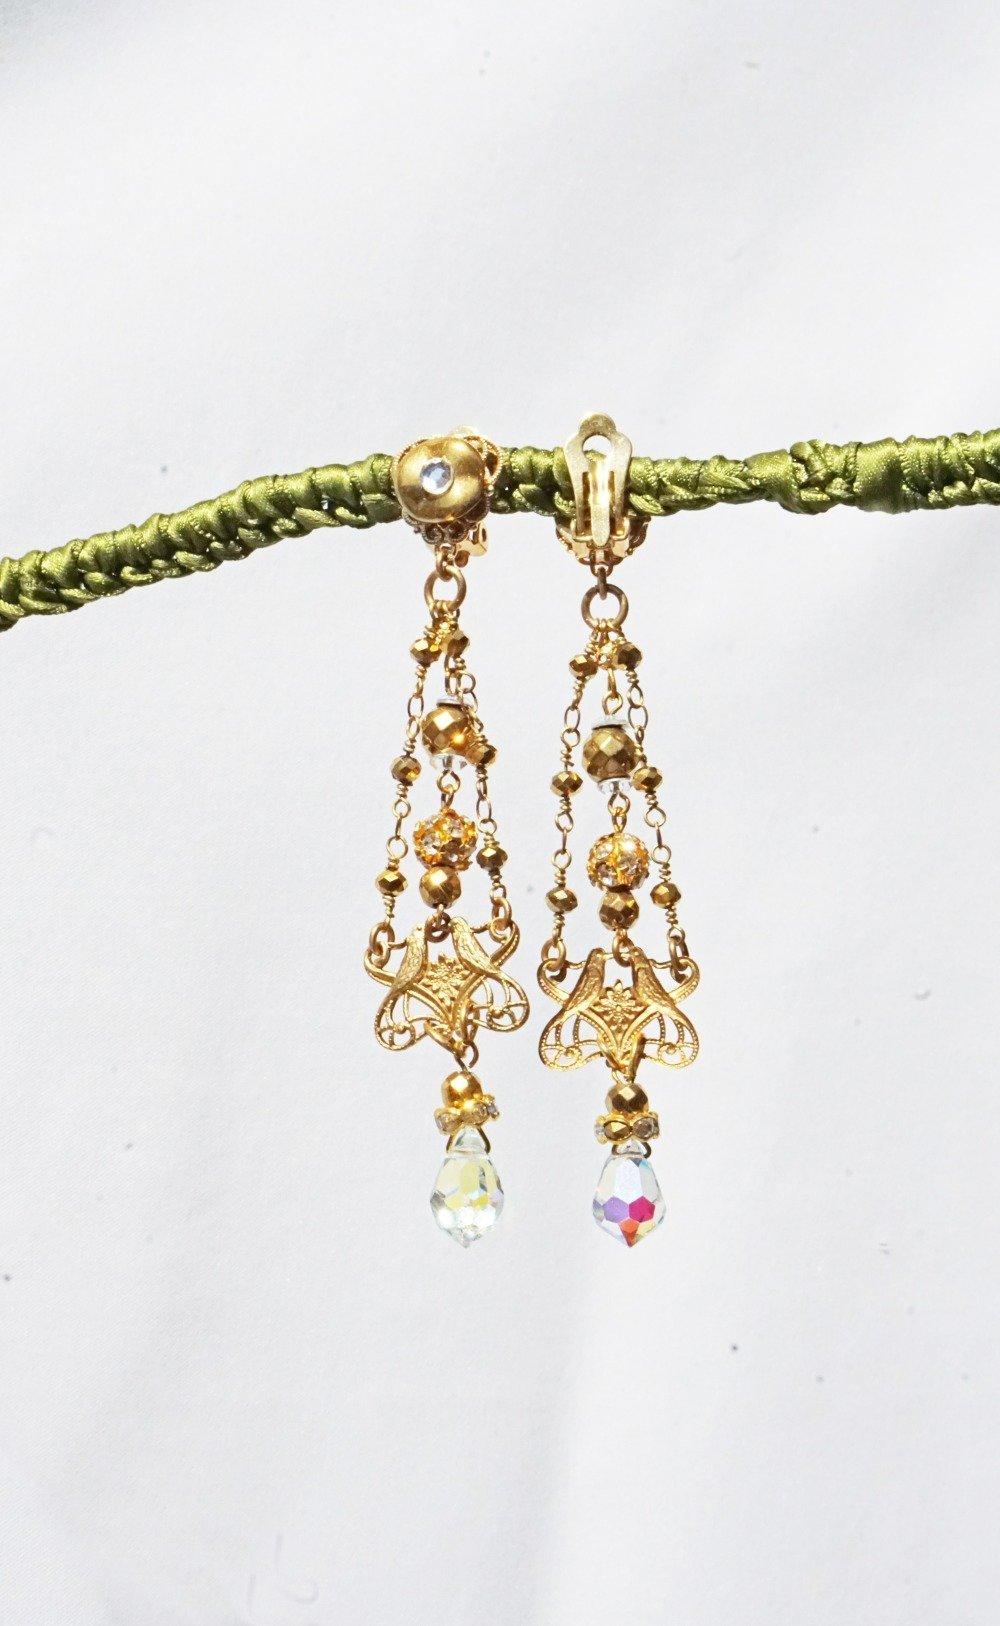 CLIPS Boucles d'oreilles CLIPS Cristal AB & doré C.de Bohême Estampe dorée Bijoux Création française